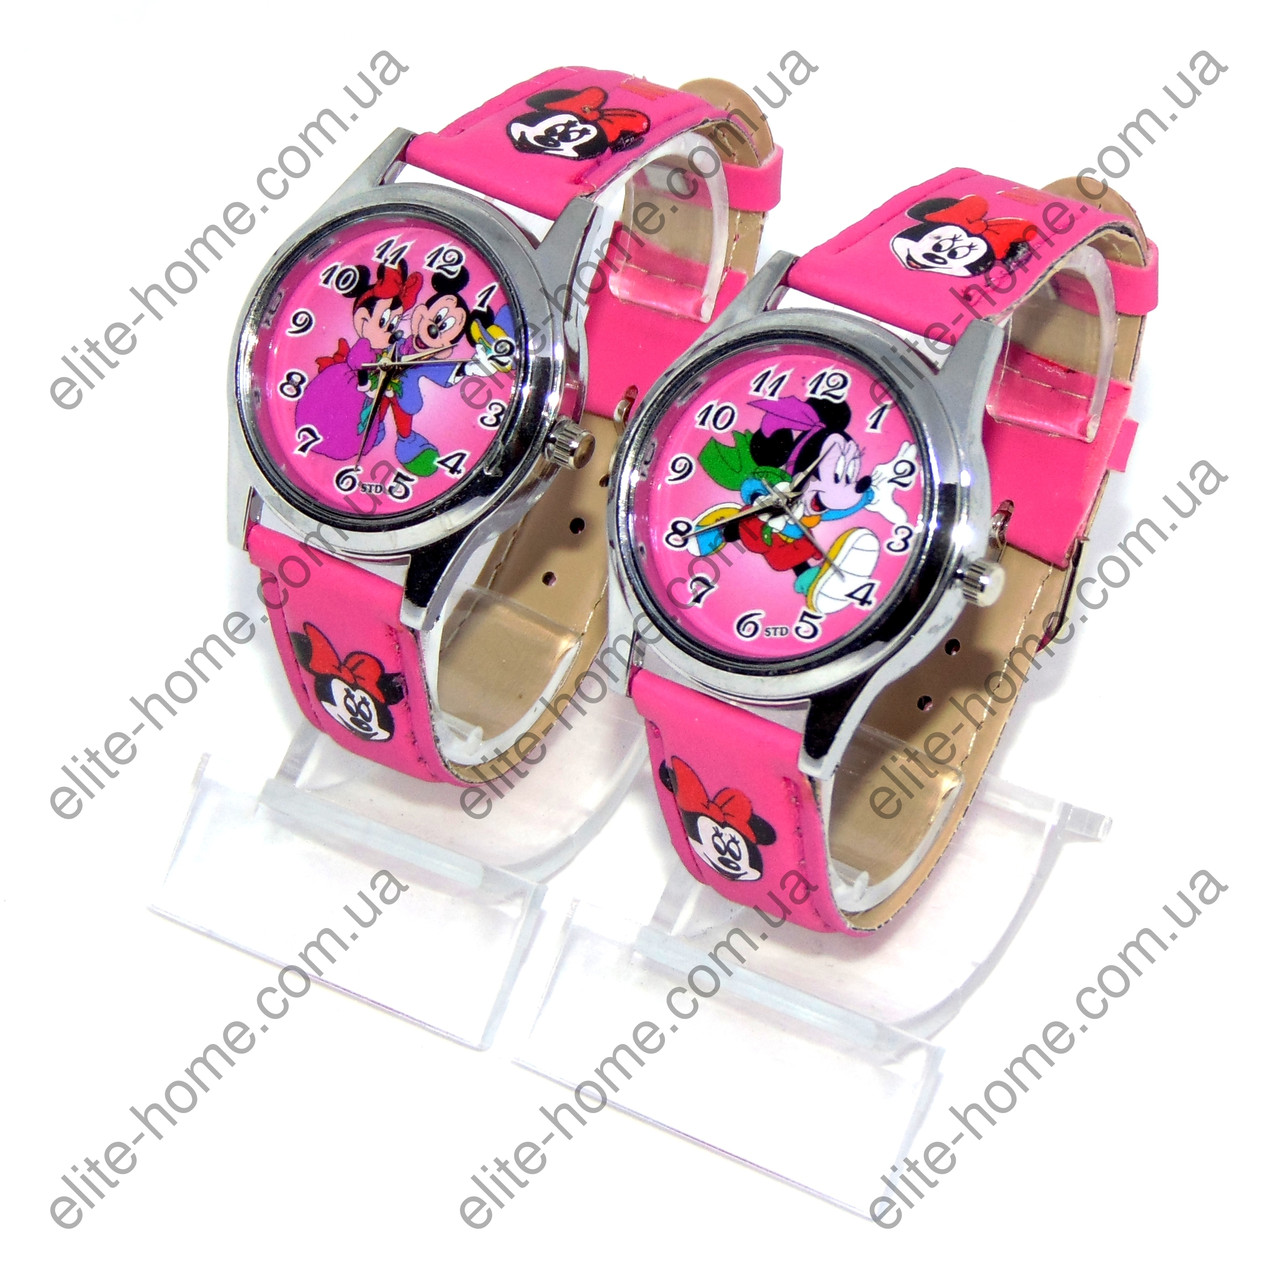 """Дитячі наручні годинники """"Мінні Маус (Minnie Mouse)"""" в подарунковій упаковці"""